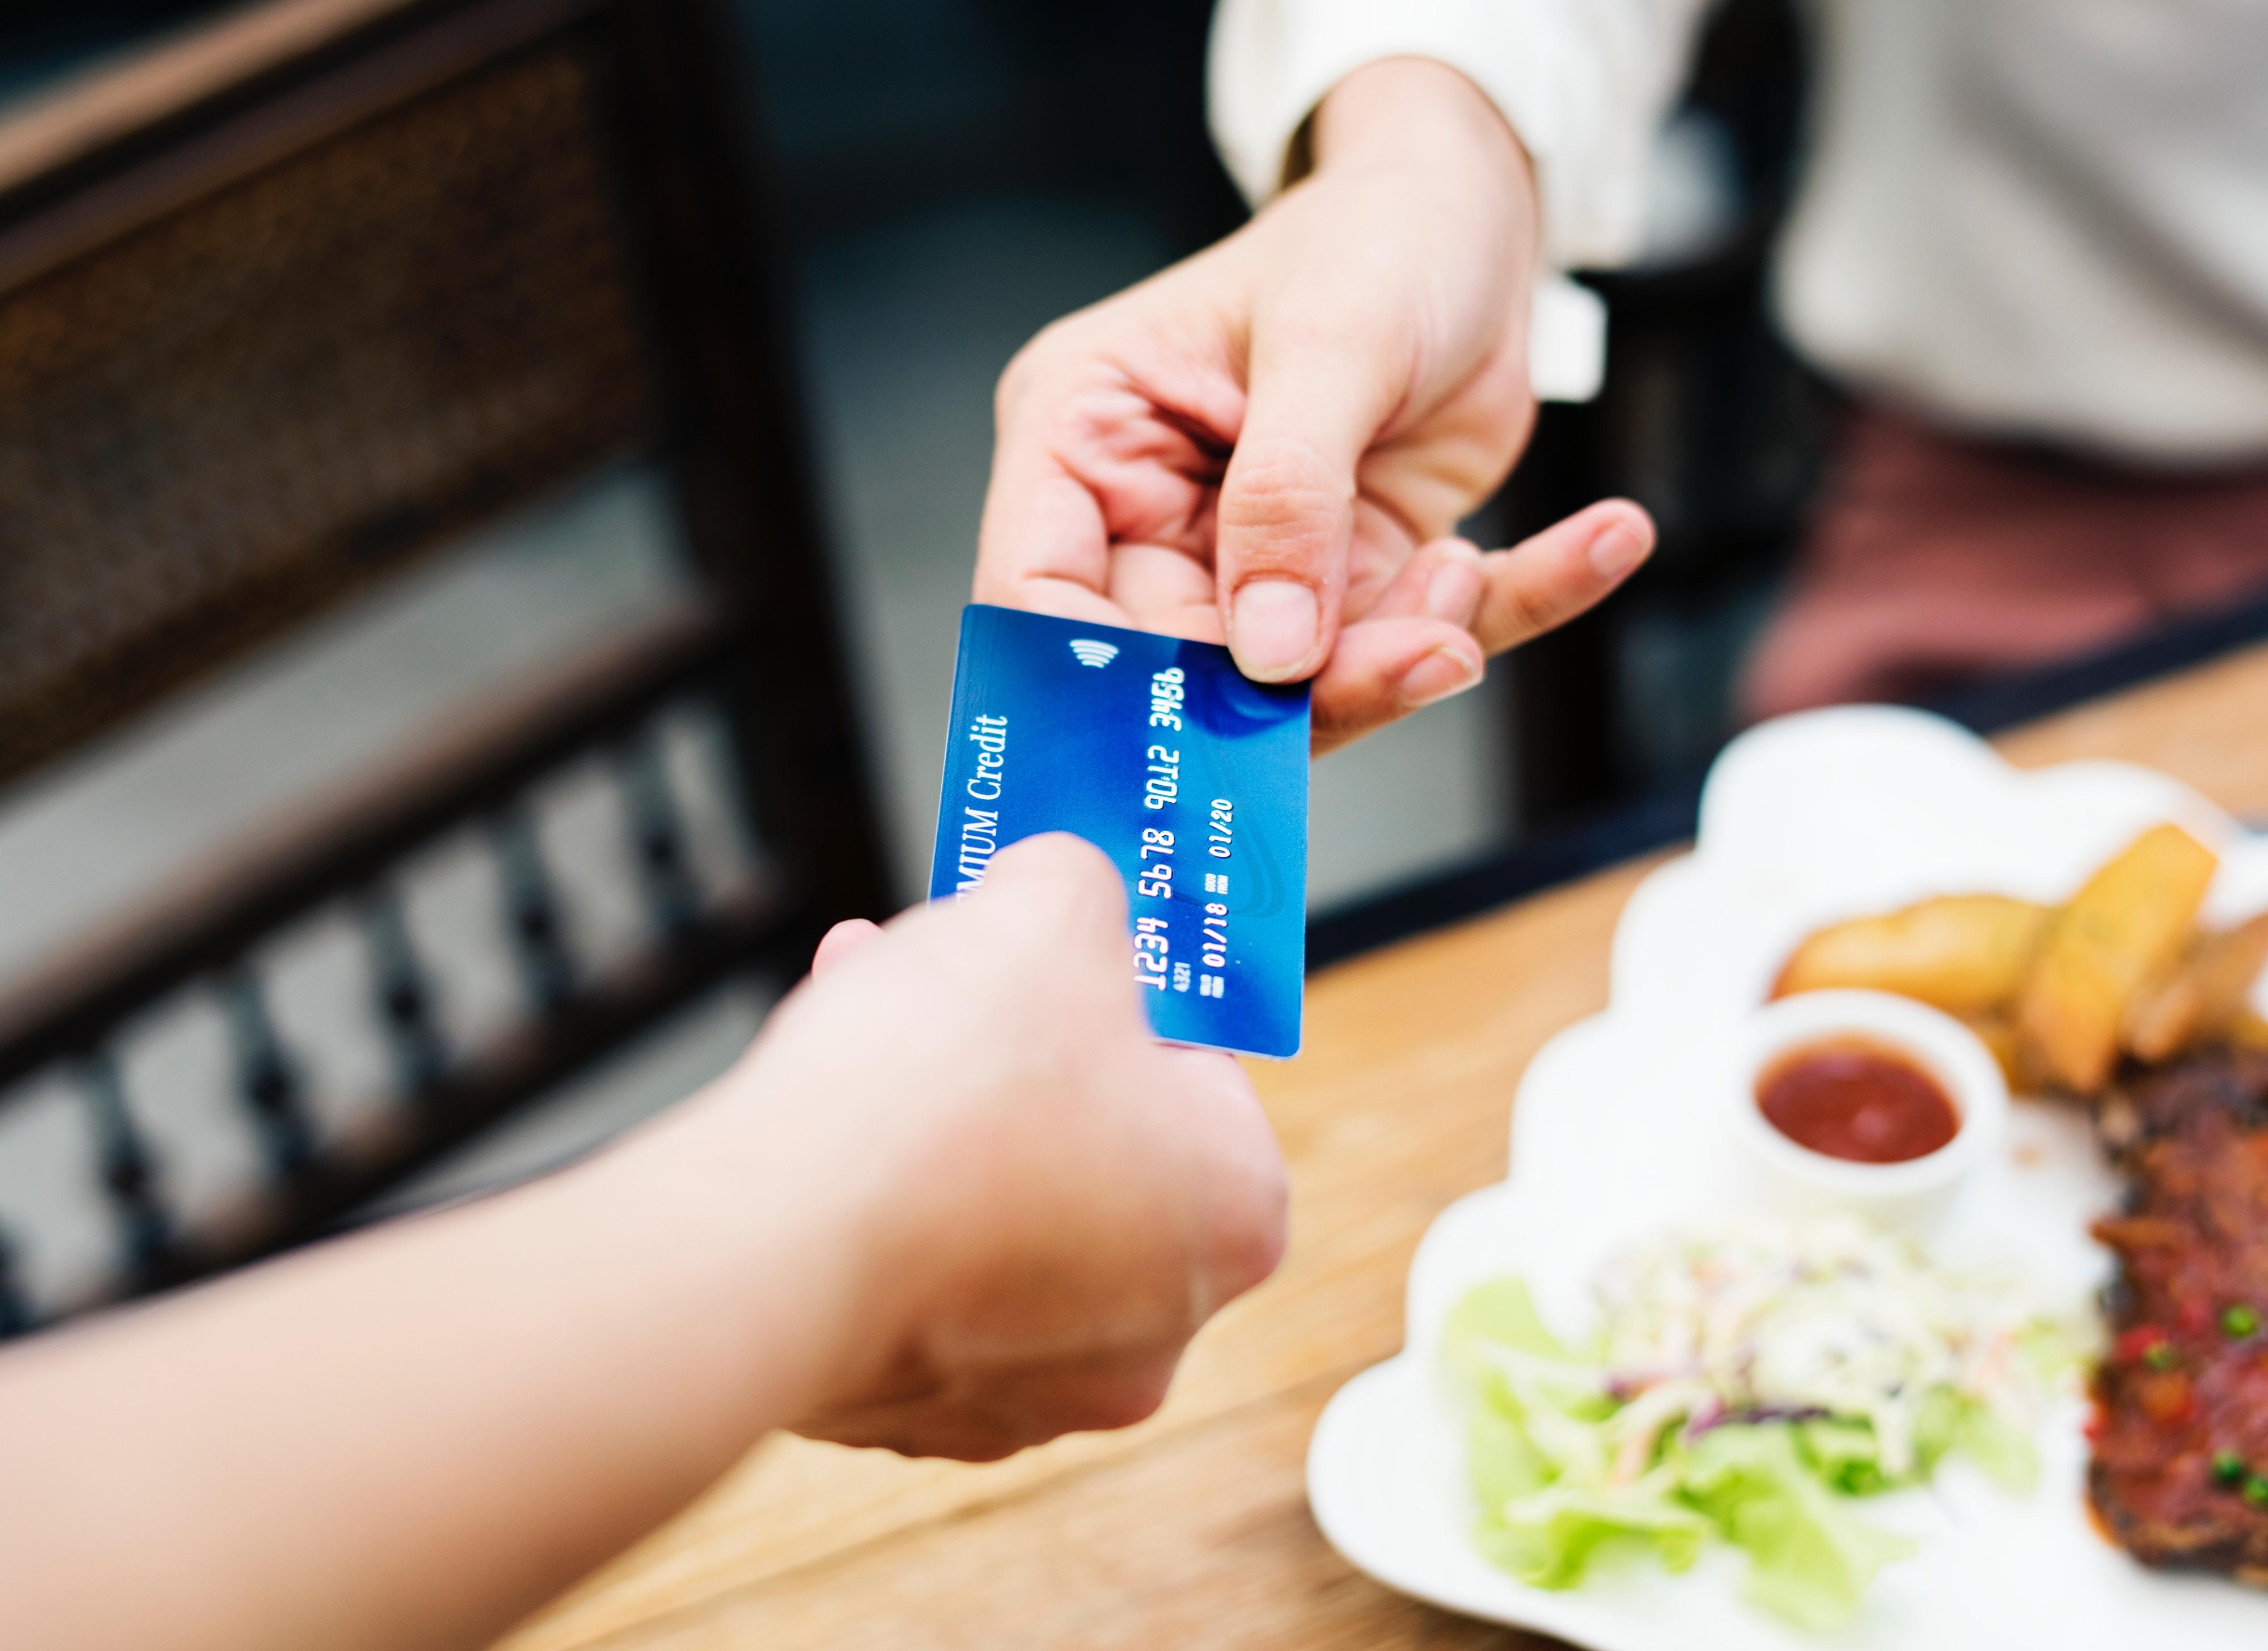 Minden bankkártyához járnak kedvezmények, amikről senki sem tud